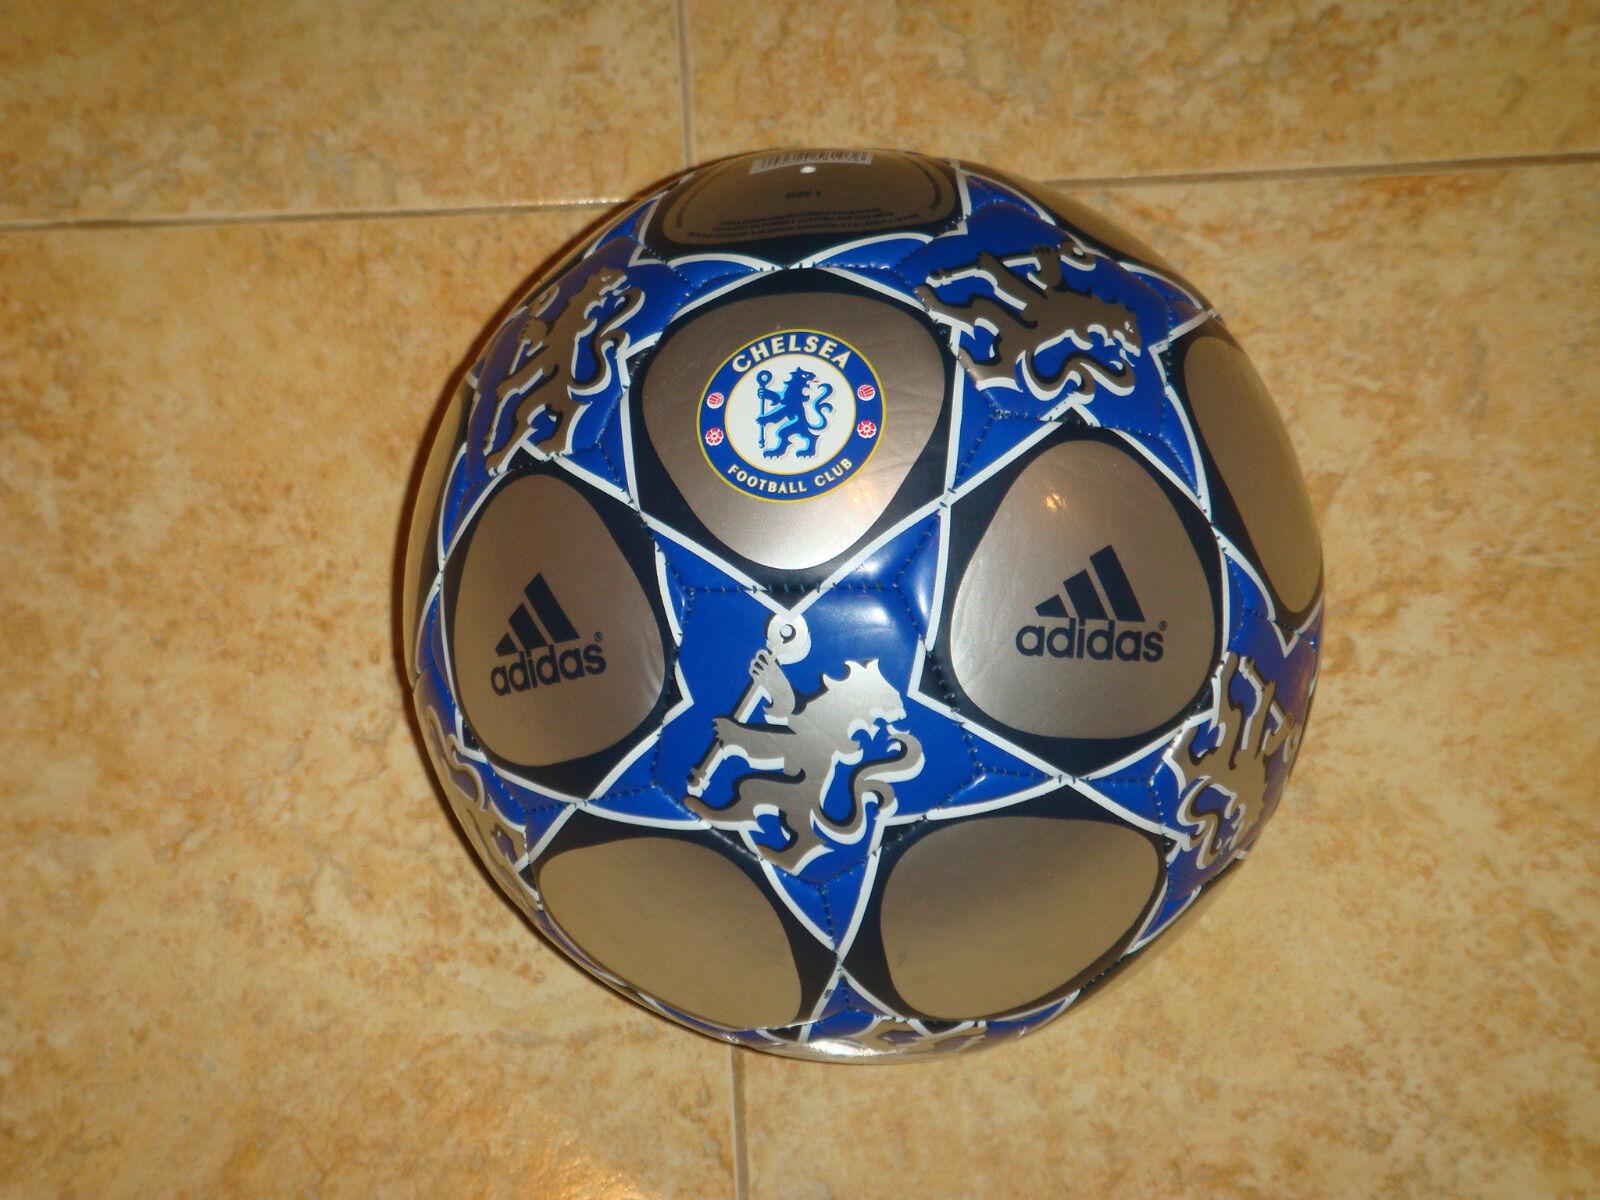 Chelsea Adidas Capitano Pelota De Fútbol Liga de Campeones de fútbol bola Pallas Ballon